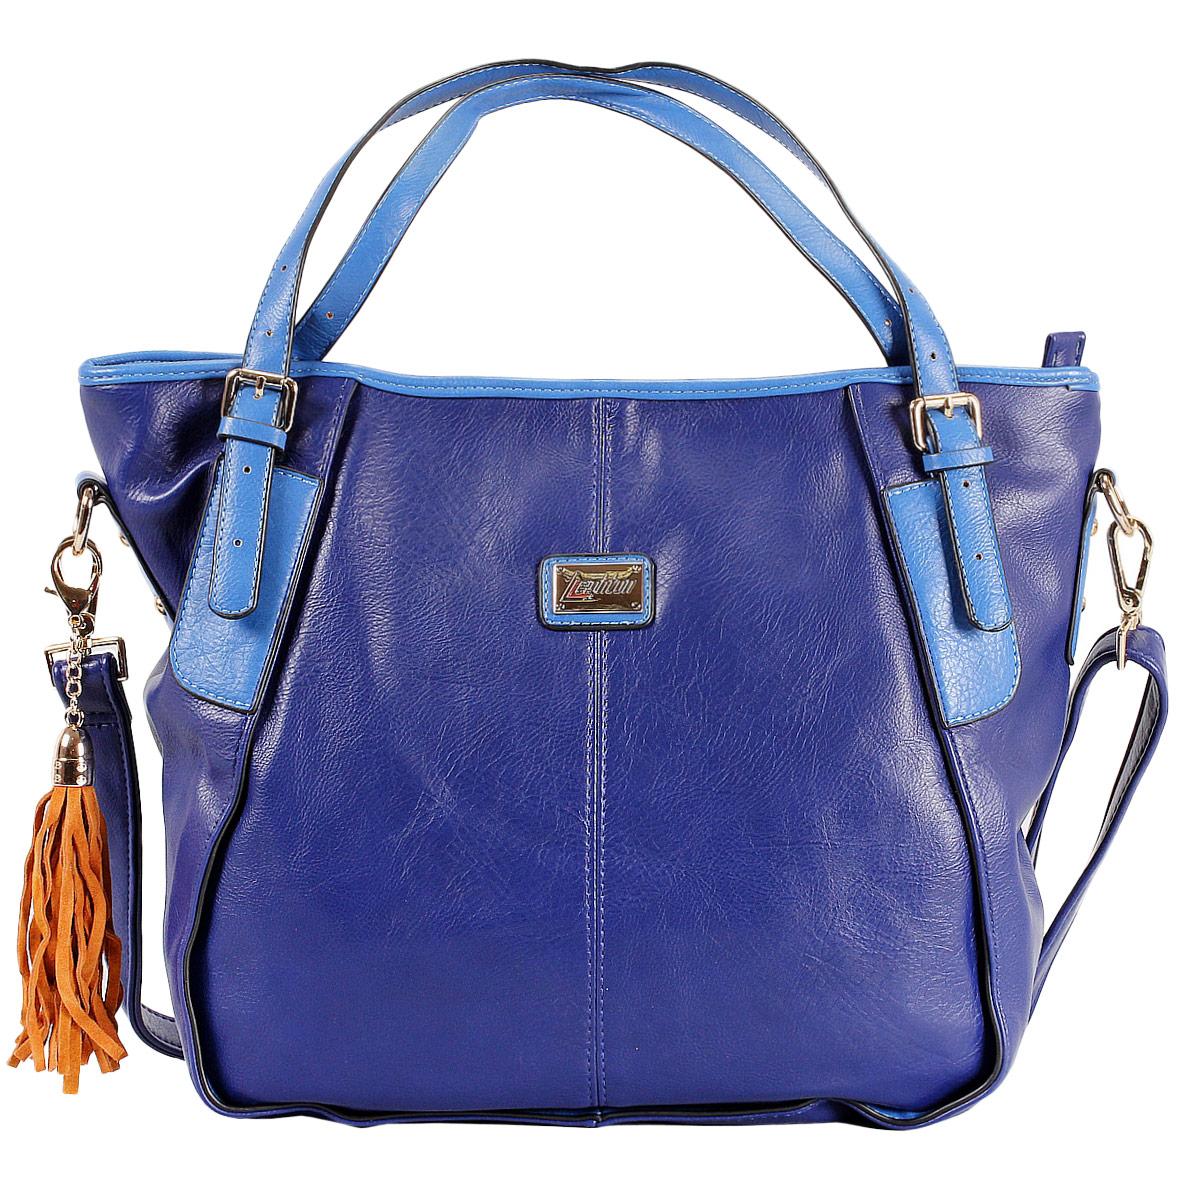 Сумка женская Leighton, цвет: синий. 7656276562-292/45/292/20/551Женская сумка Leighton выполнена из высококачественной искусственной кожи, оформлена небольшой пластинкой с логотипом бренда и декоративной кисточкой из искусственной замши. Модель закрывается на застежку-молнию. Внутри - одно отделение, разделенное карманом-средником на застежке-молнии, также есть два накладных кармашка для мелочей и телефона и врезной карман на застежке-молнии. Задняя сторона дополнена плоским врезным карманом на застежке-молнии. Ручки сумки крепится на металлическую фурнитуру. В комплекте - съемный плечевой ремень и чехол для хранения. Яркий дизайн сумки, сочетающий классические формы с оригинальным оформлением, позволит вам подчеркнуть свою индивидуальность и сделает ваш образ изысканным и завершенным.